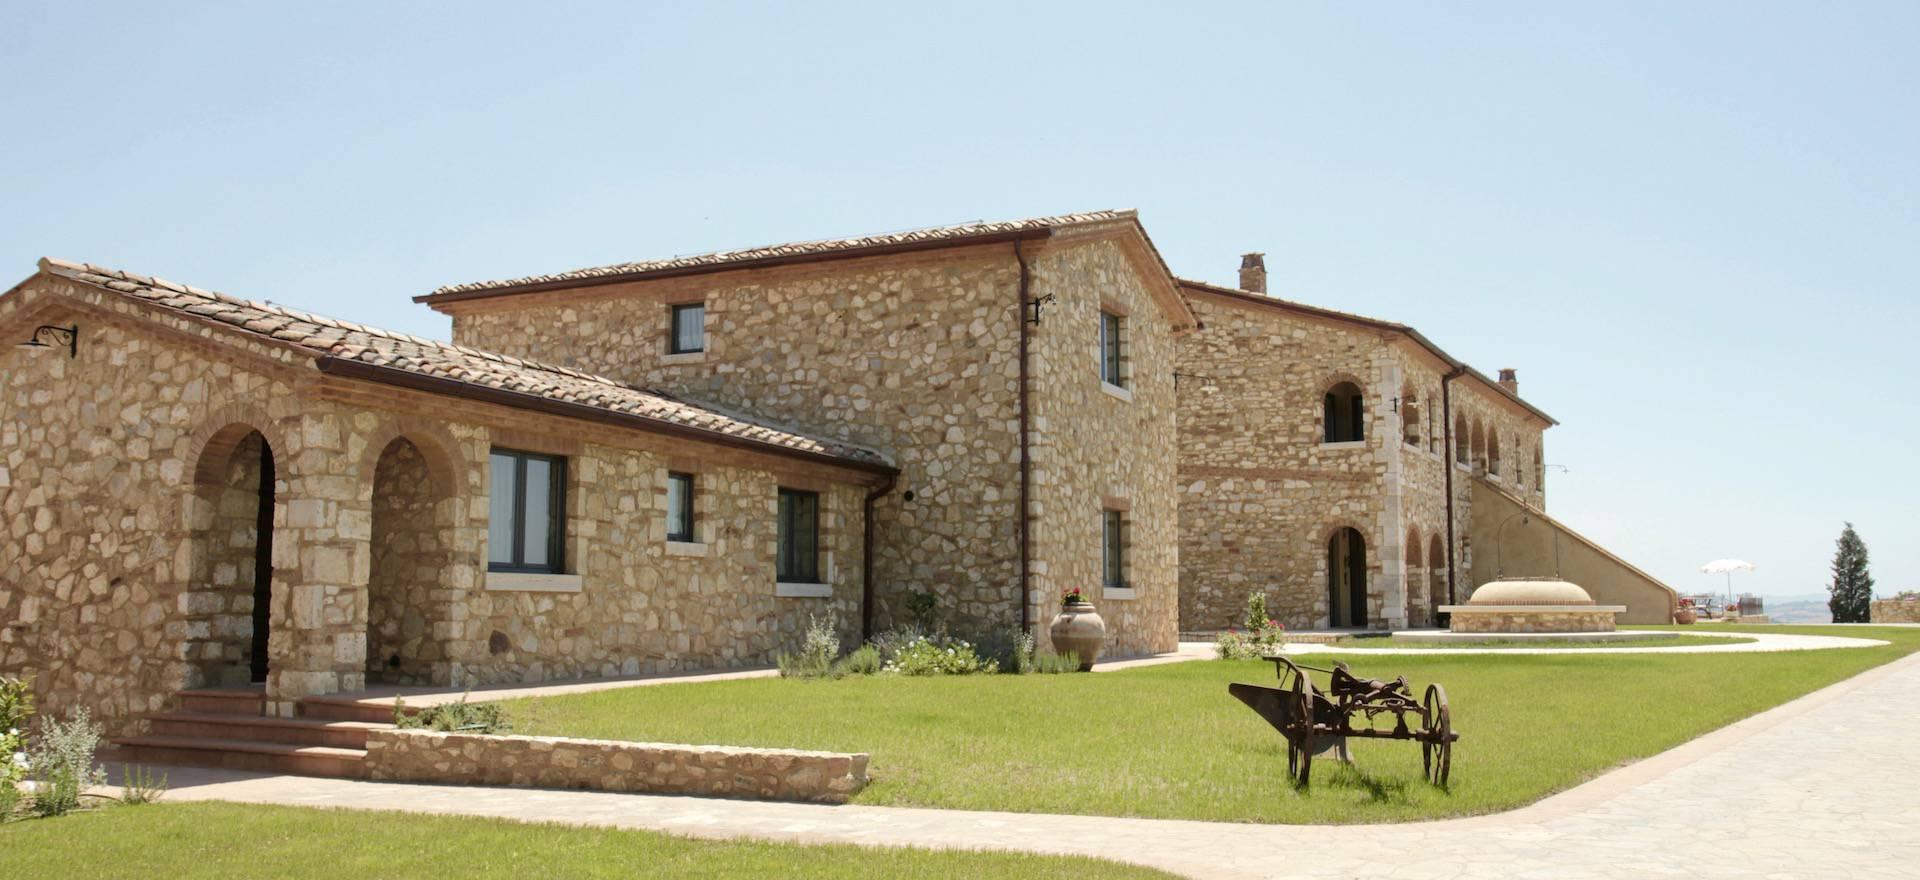 Prachtige olijfolieboerderij ten oosten van Siena